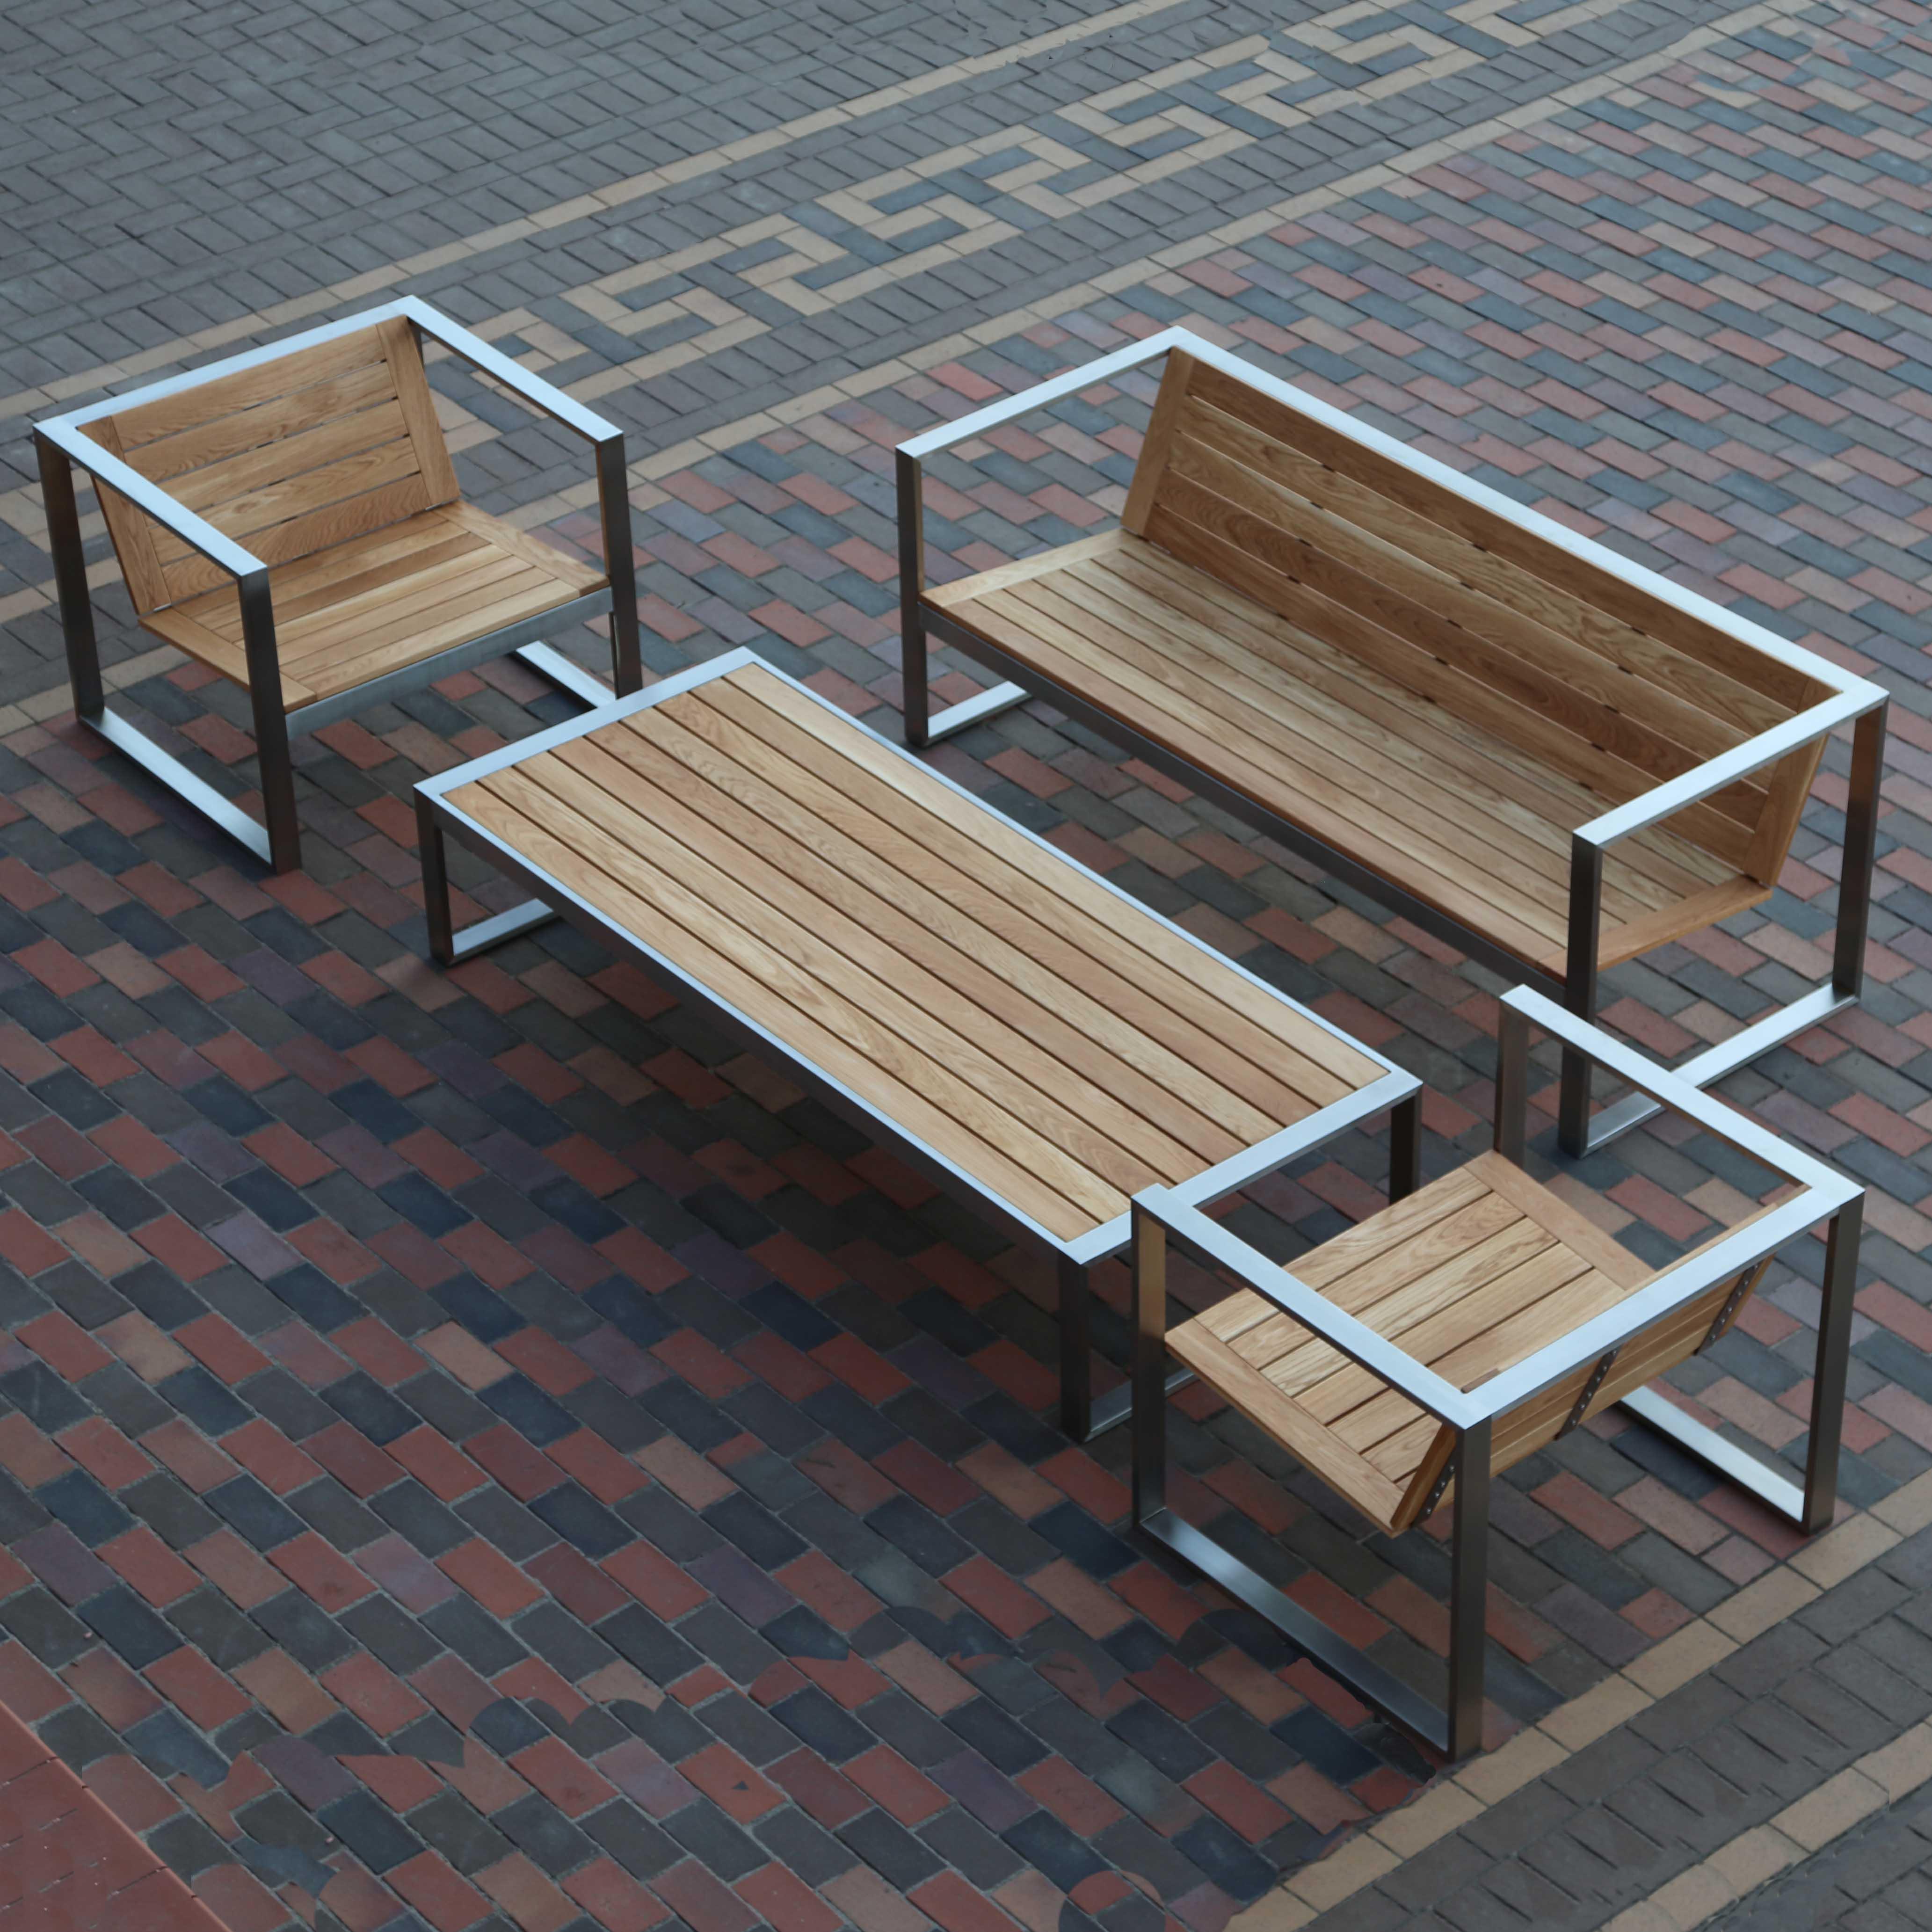 садовая мебель из дерева и металла TRIF-MEBEL